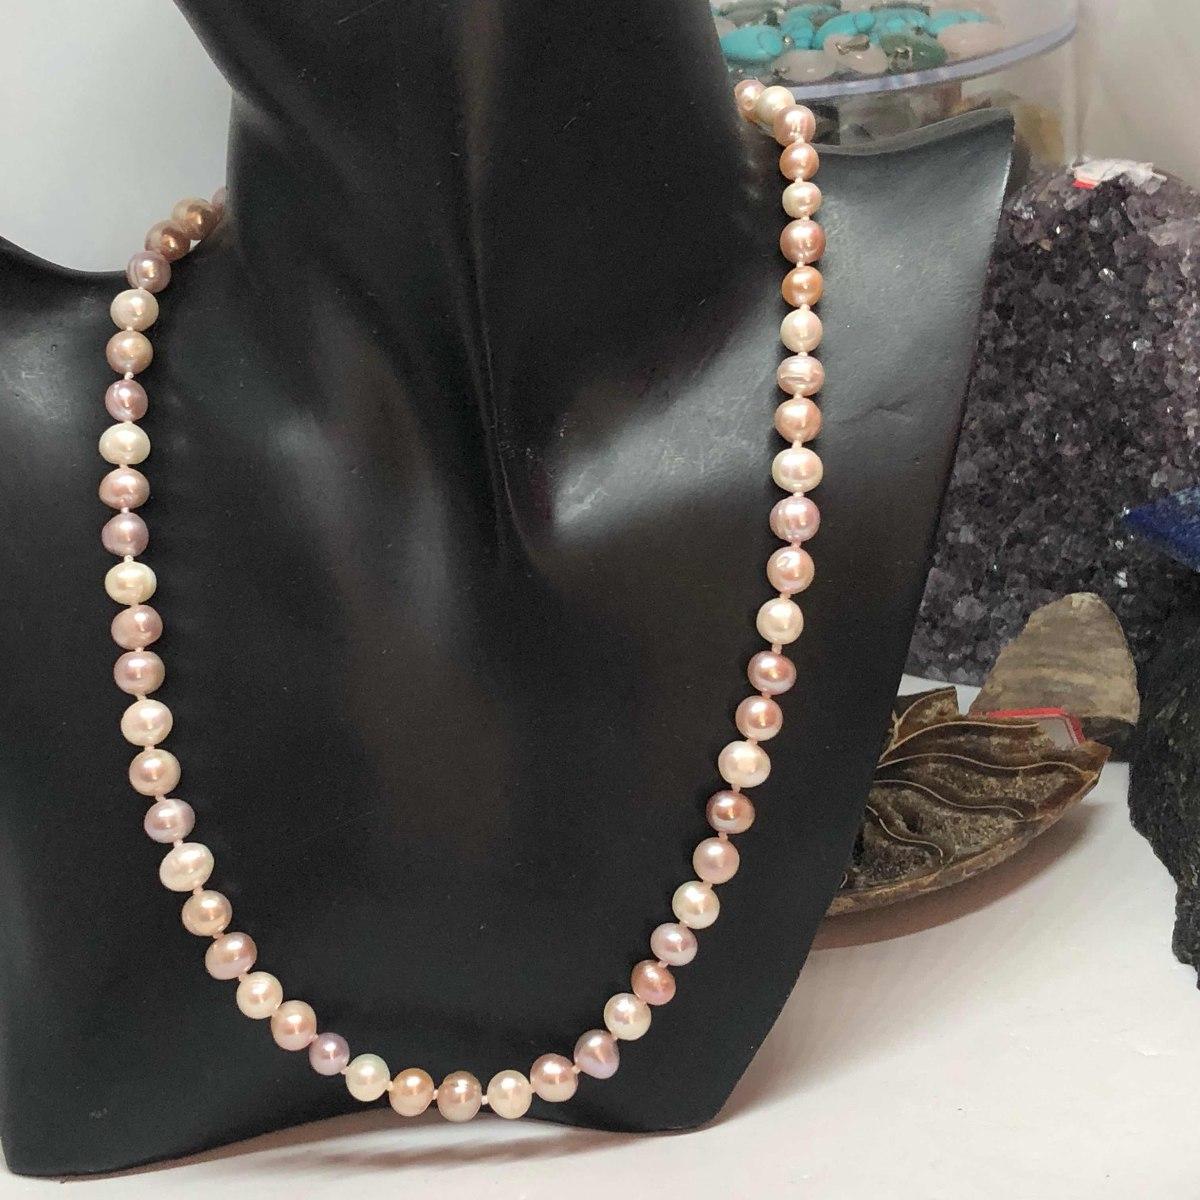 acd30b2dde9c Collar De Perlas Cultivadas Akoya Reales Genuinas -   170.000 en ...